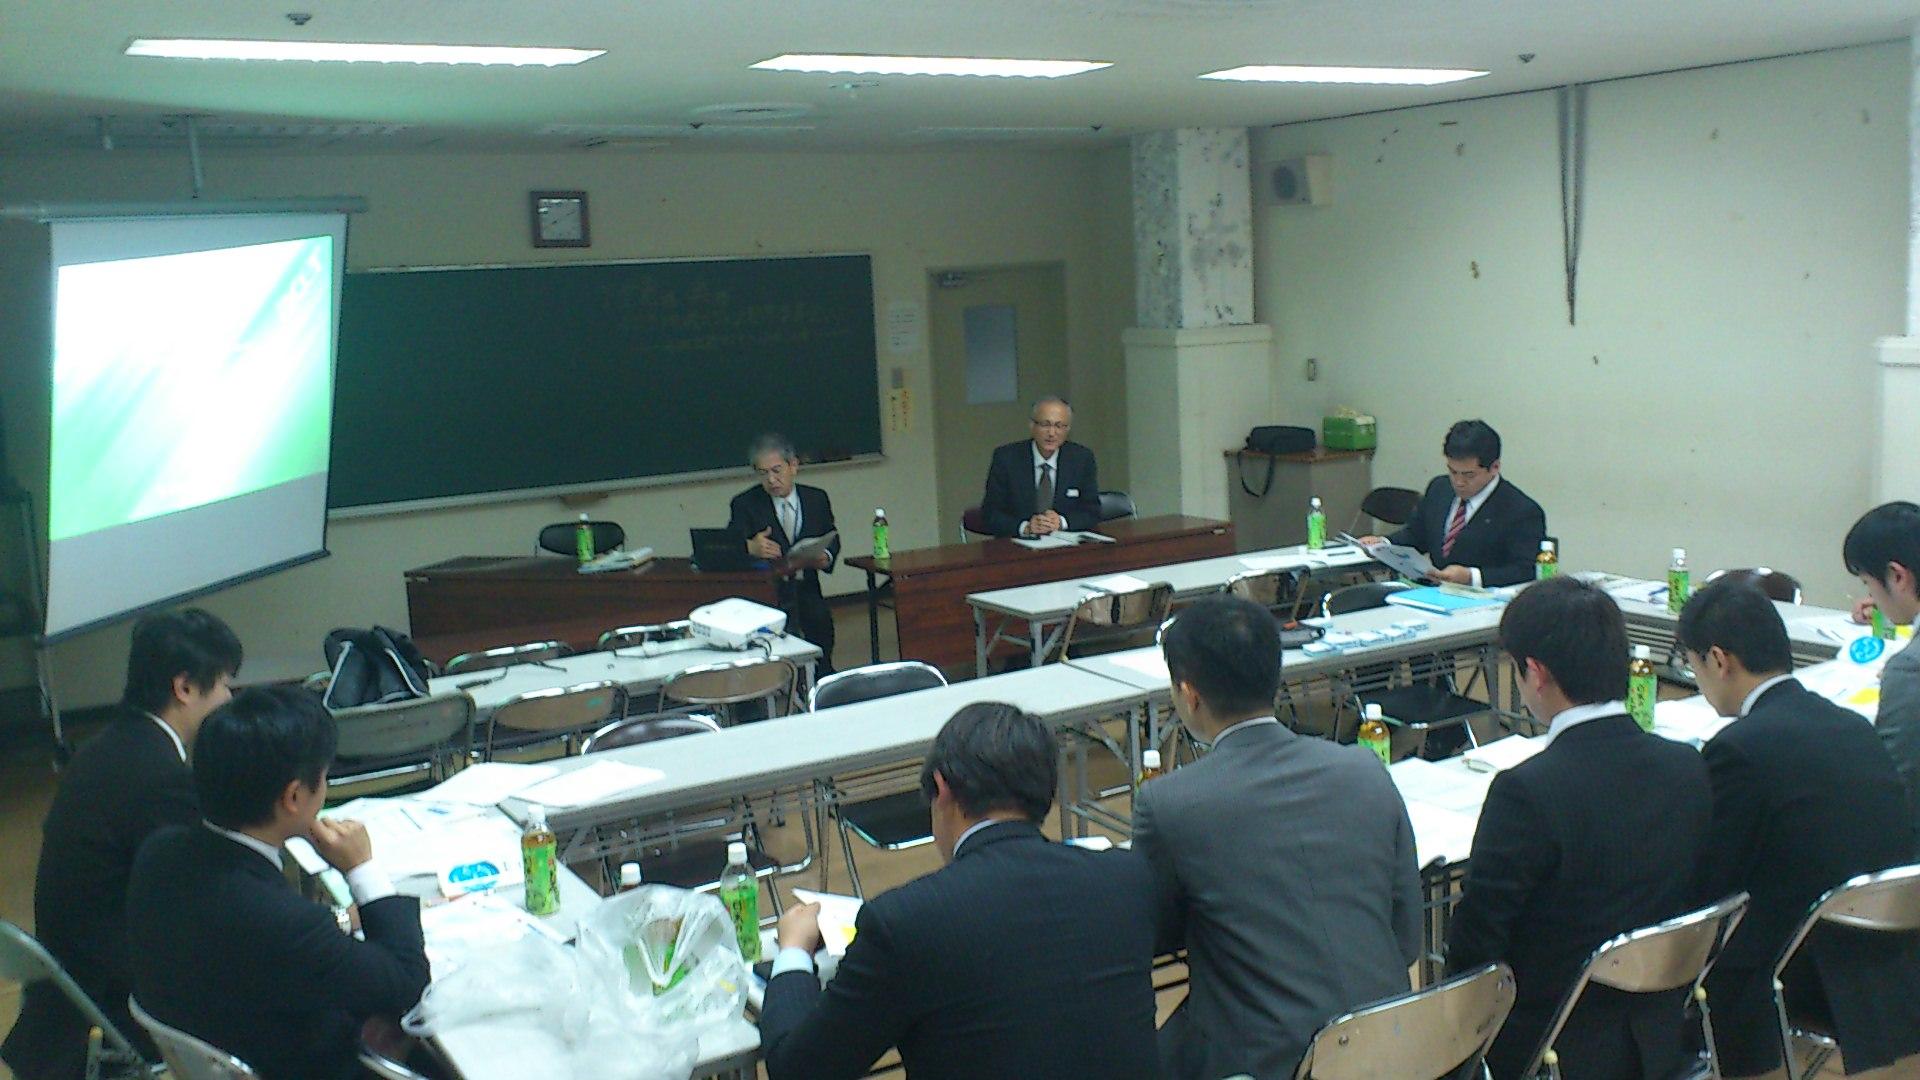 青年会議所で勉強会_b0039825_2193650.jpg